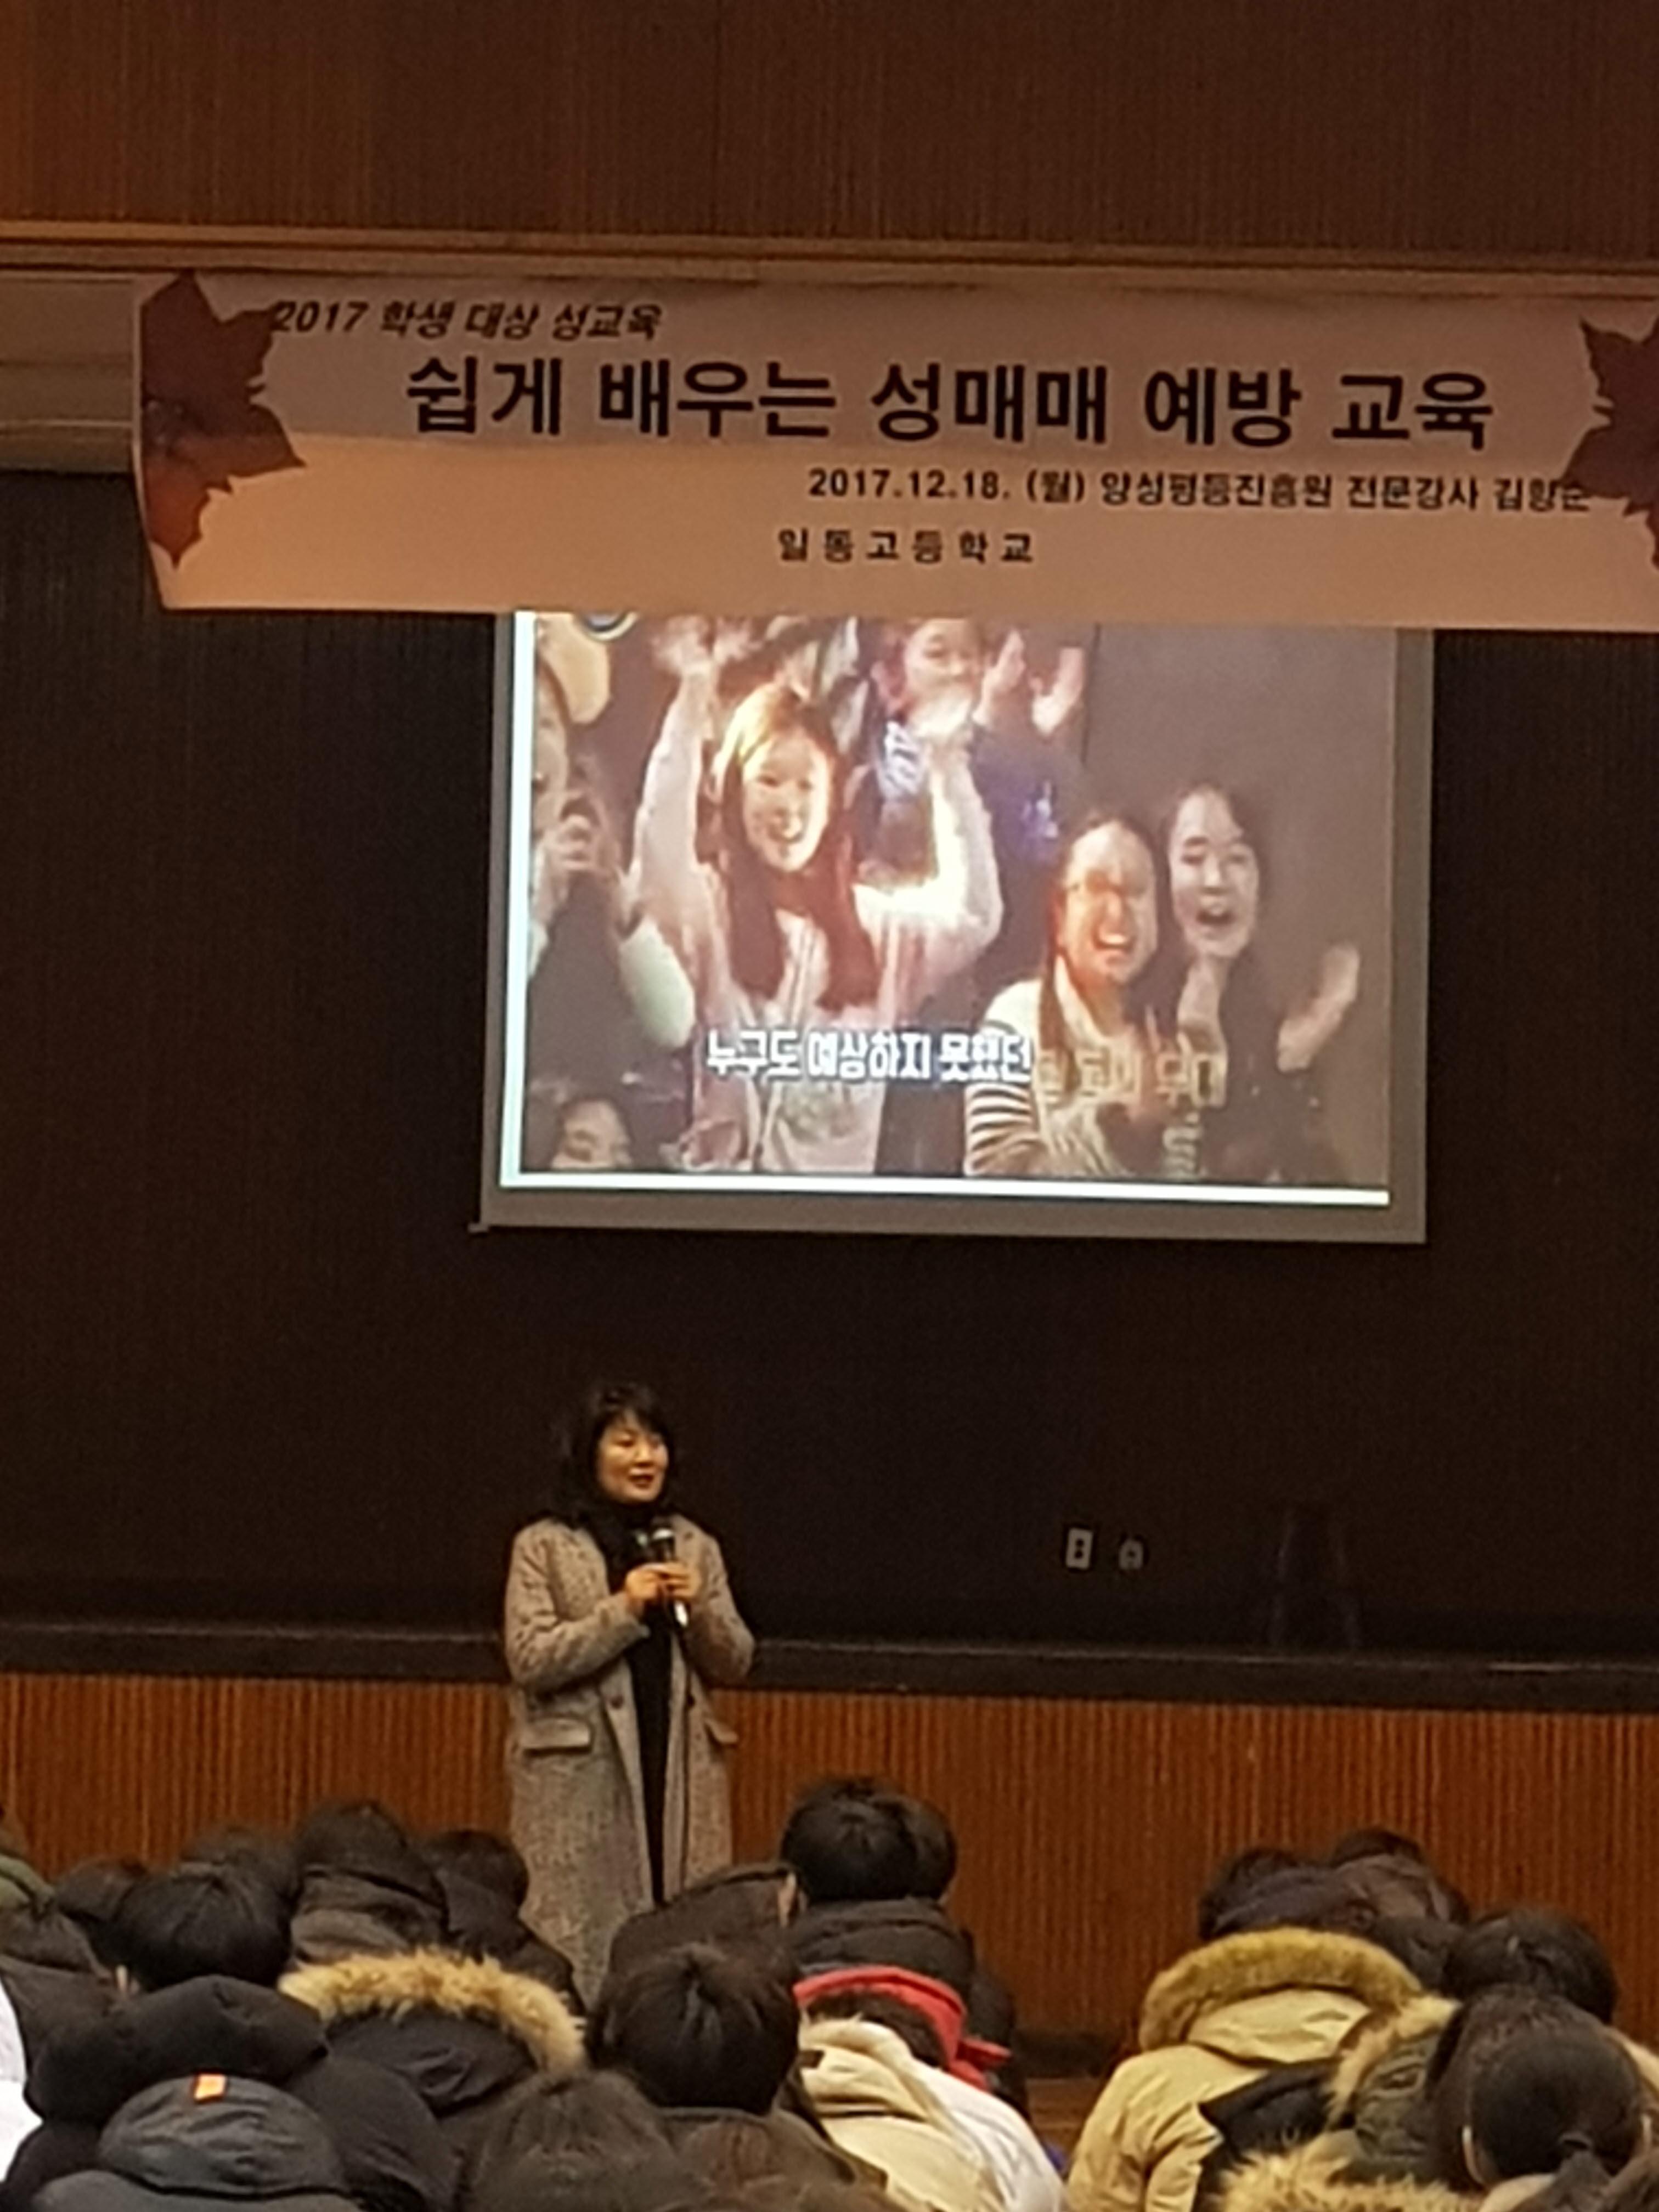 [일반] 2017.12.18 외부강사 초빙 성교육의 첨부이미지 3